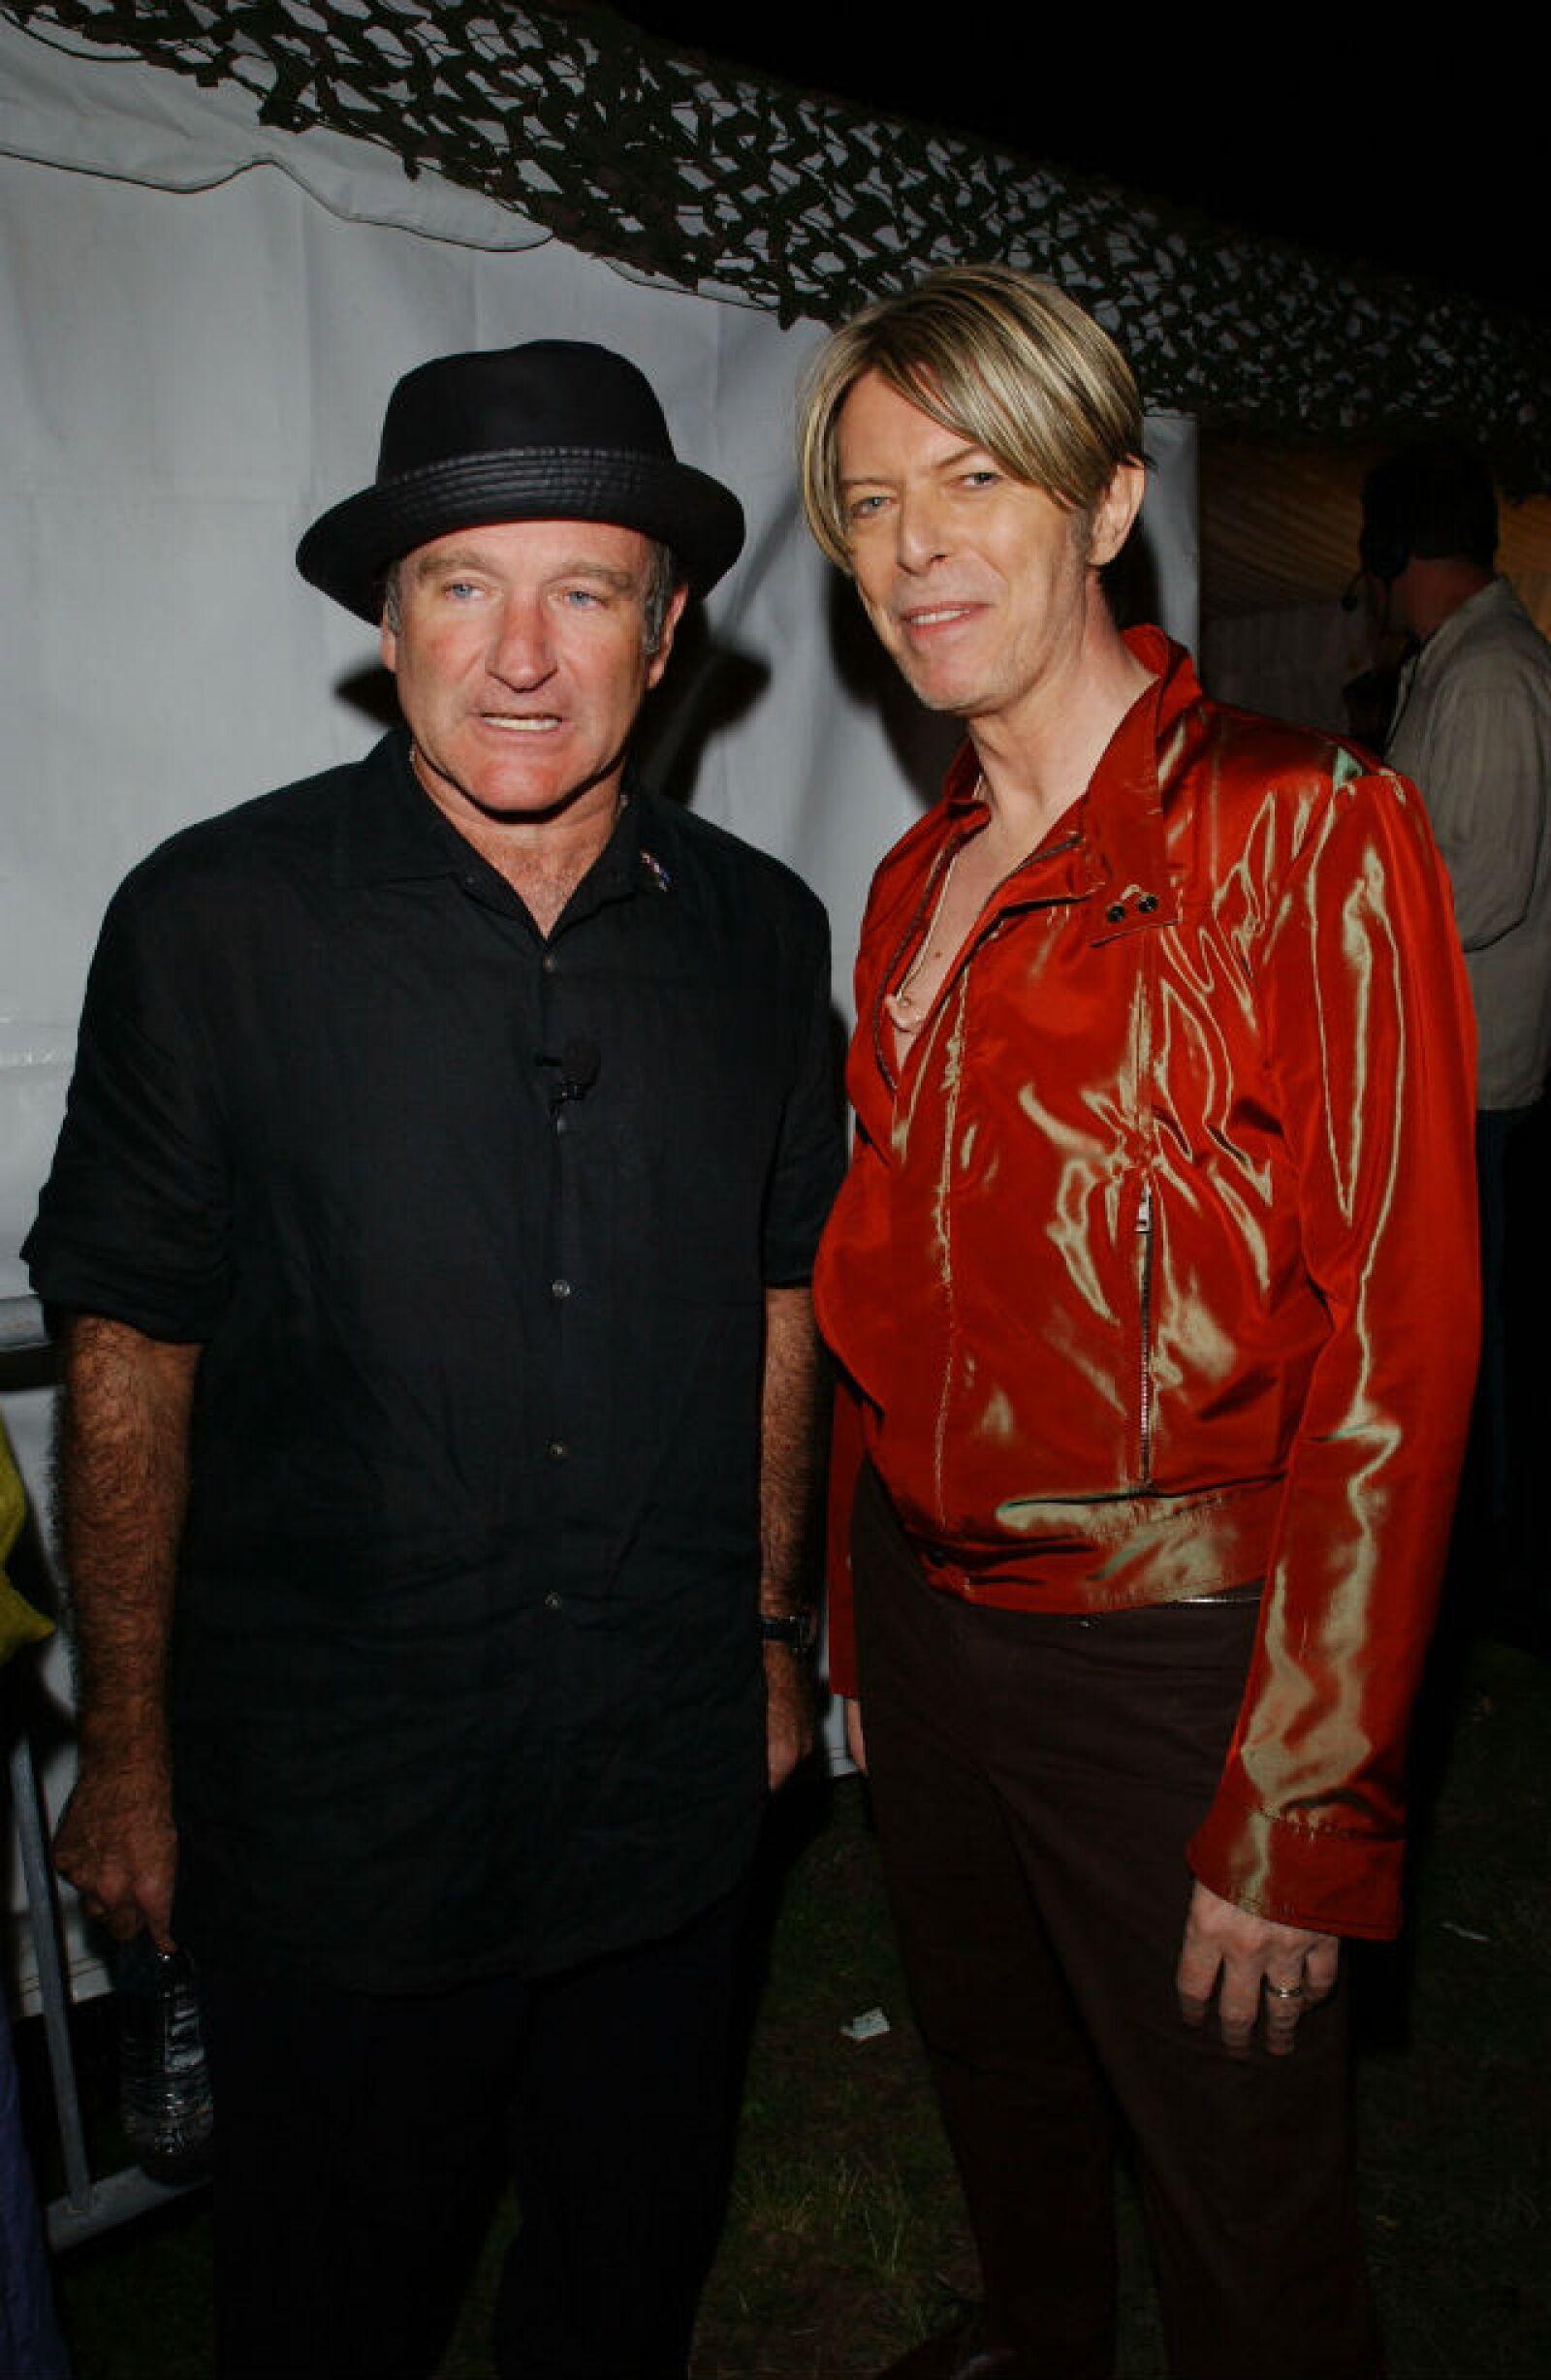 David Bowie vivió una de las mejores experiencias de su vida al compartir escenario con Robin Williams hace poco más de una década.